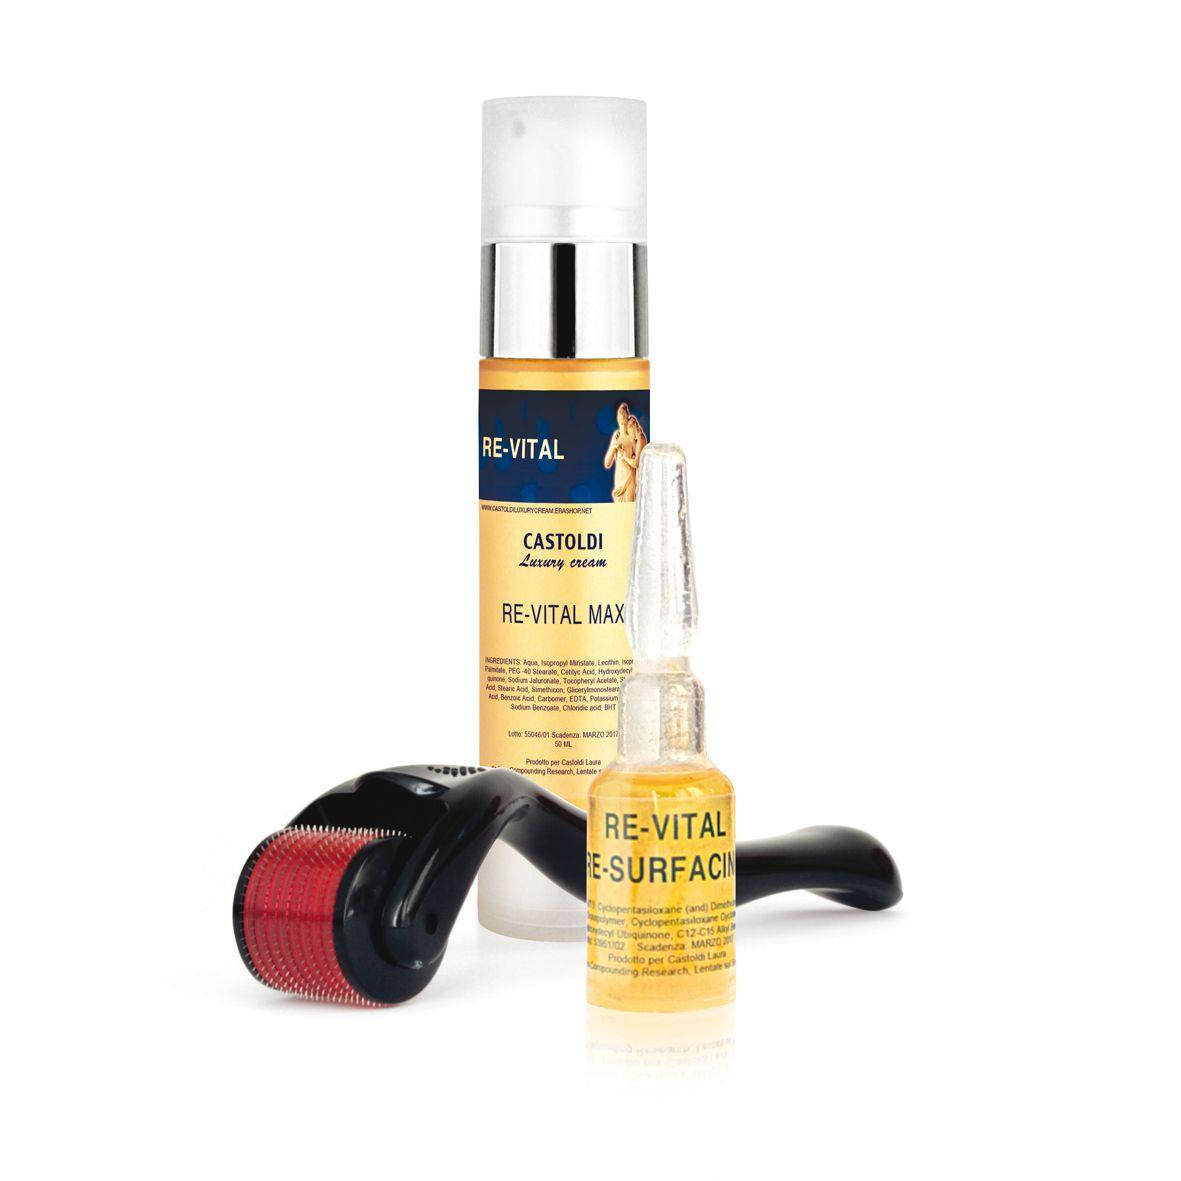 Re-Vital Max Cream 2% + Re-Vital Re-Surfacing Serum + Dermaroller